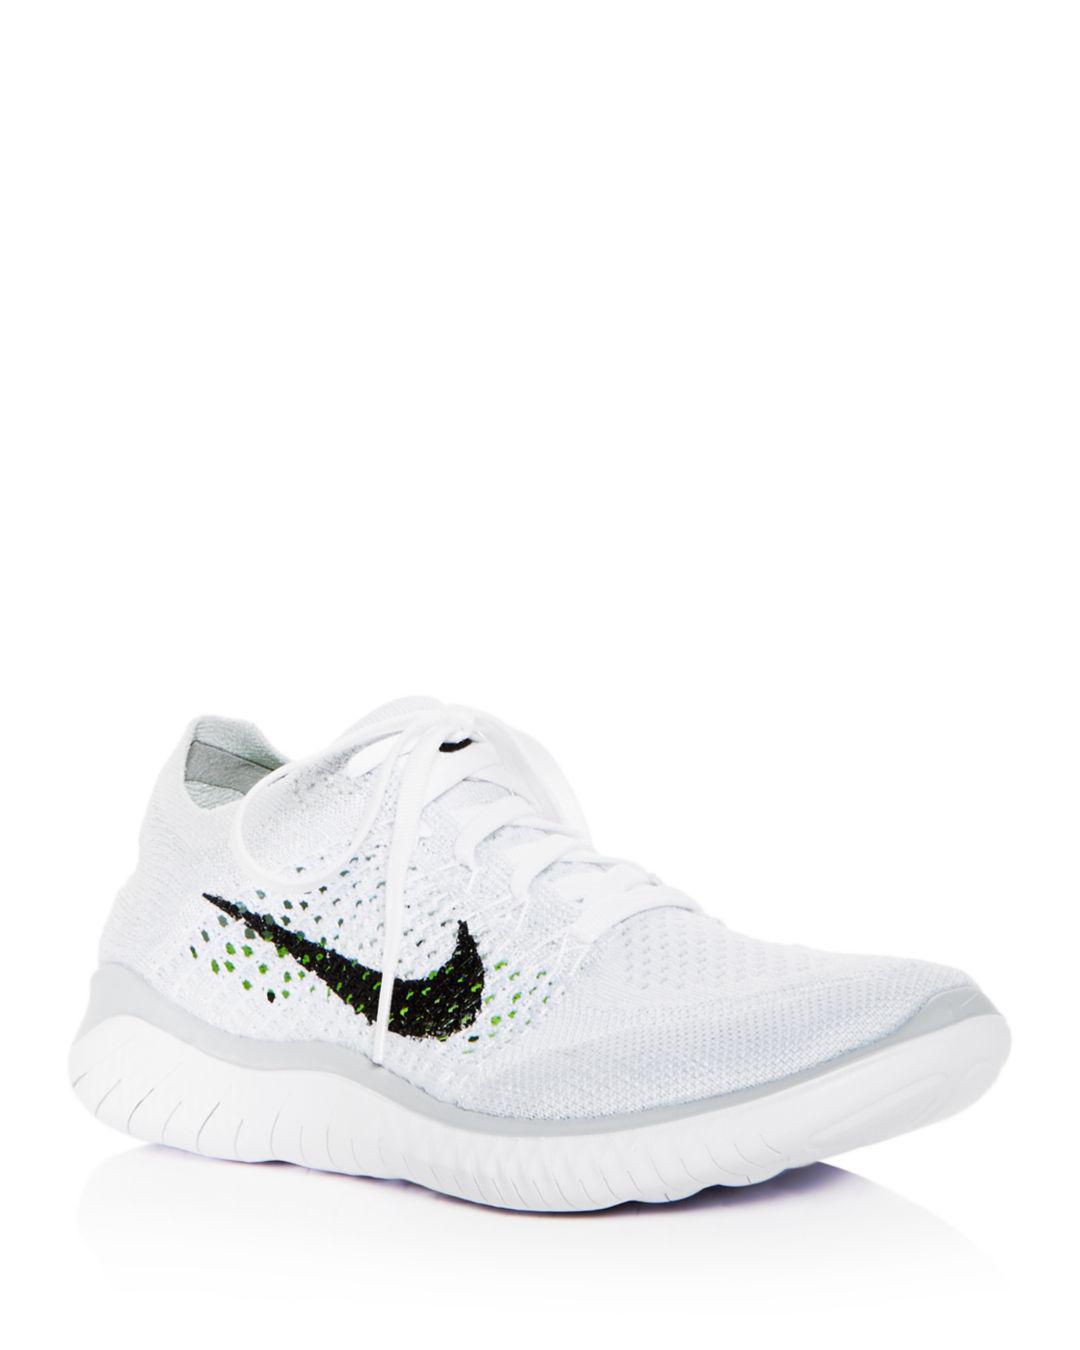 5fdad4f294e1 Lyst - Nike Women s Free Rn Flyknit 2018 Lace Up Sneakers in White